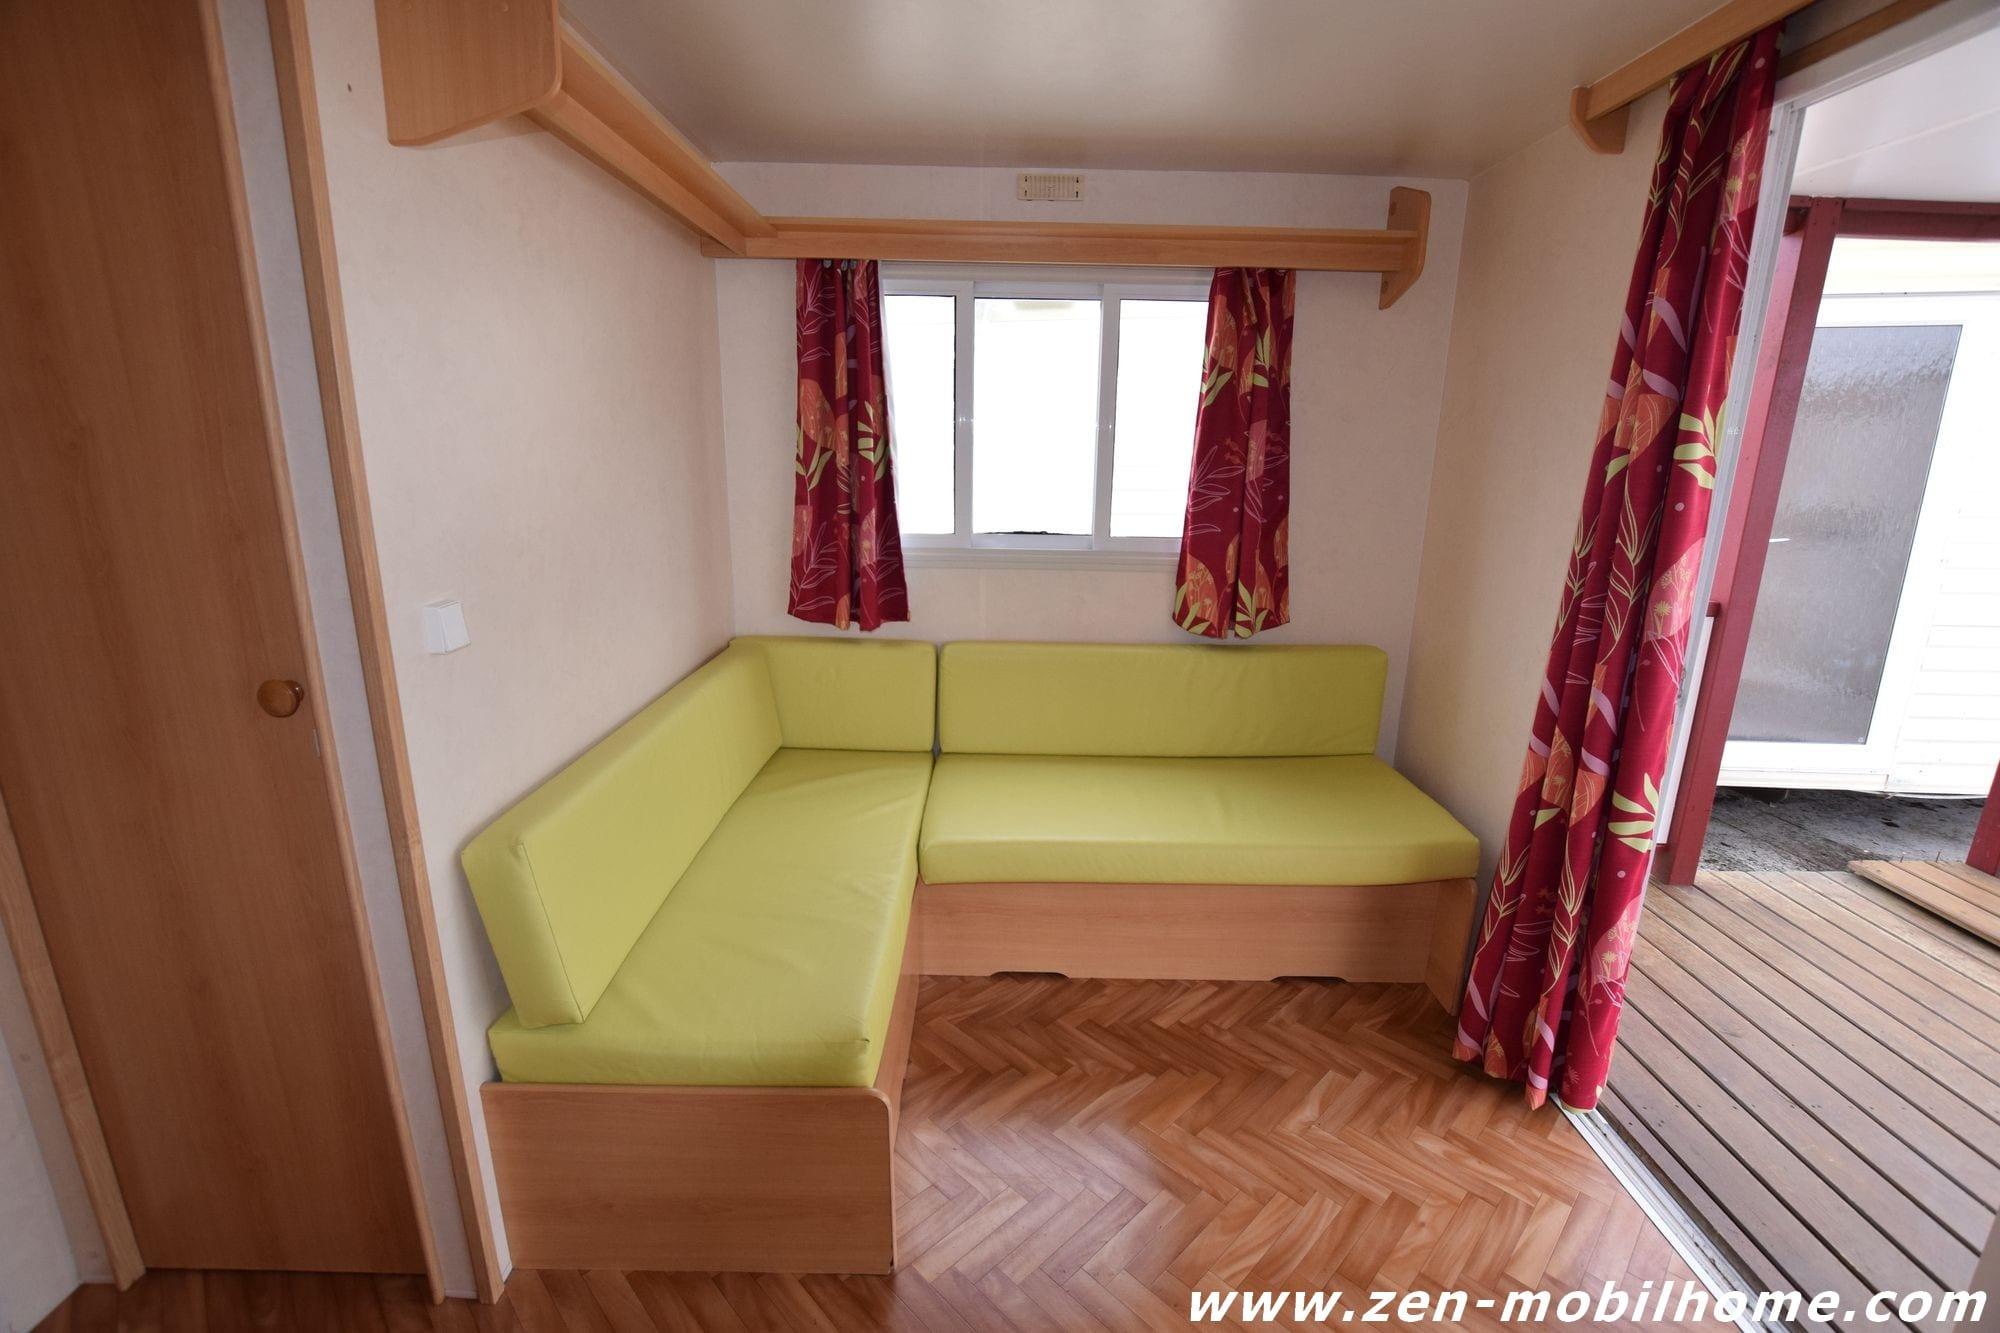 sun roller terrasse mobil home d 39 occasion 3 700 zen mobil homes. Black Bedroom Furniture Sets. Home Design Ideas